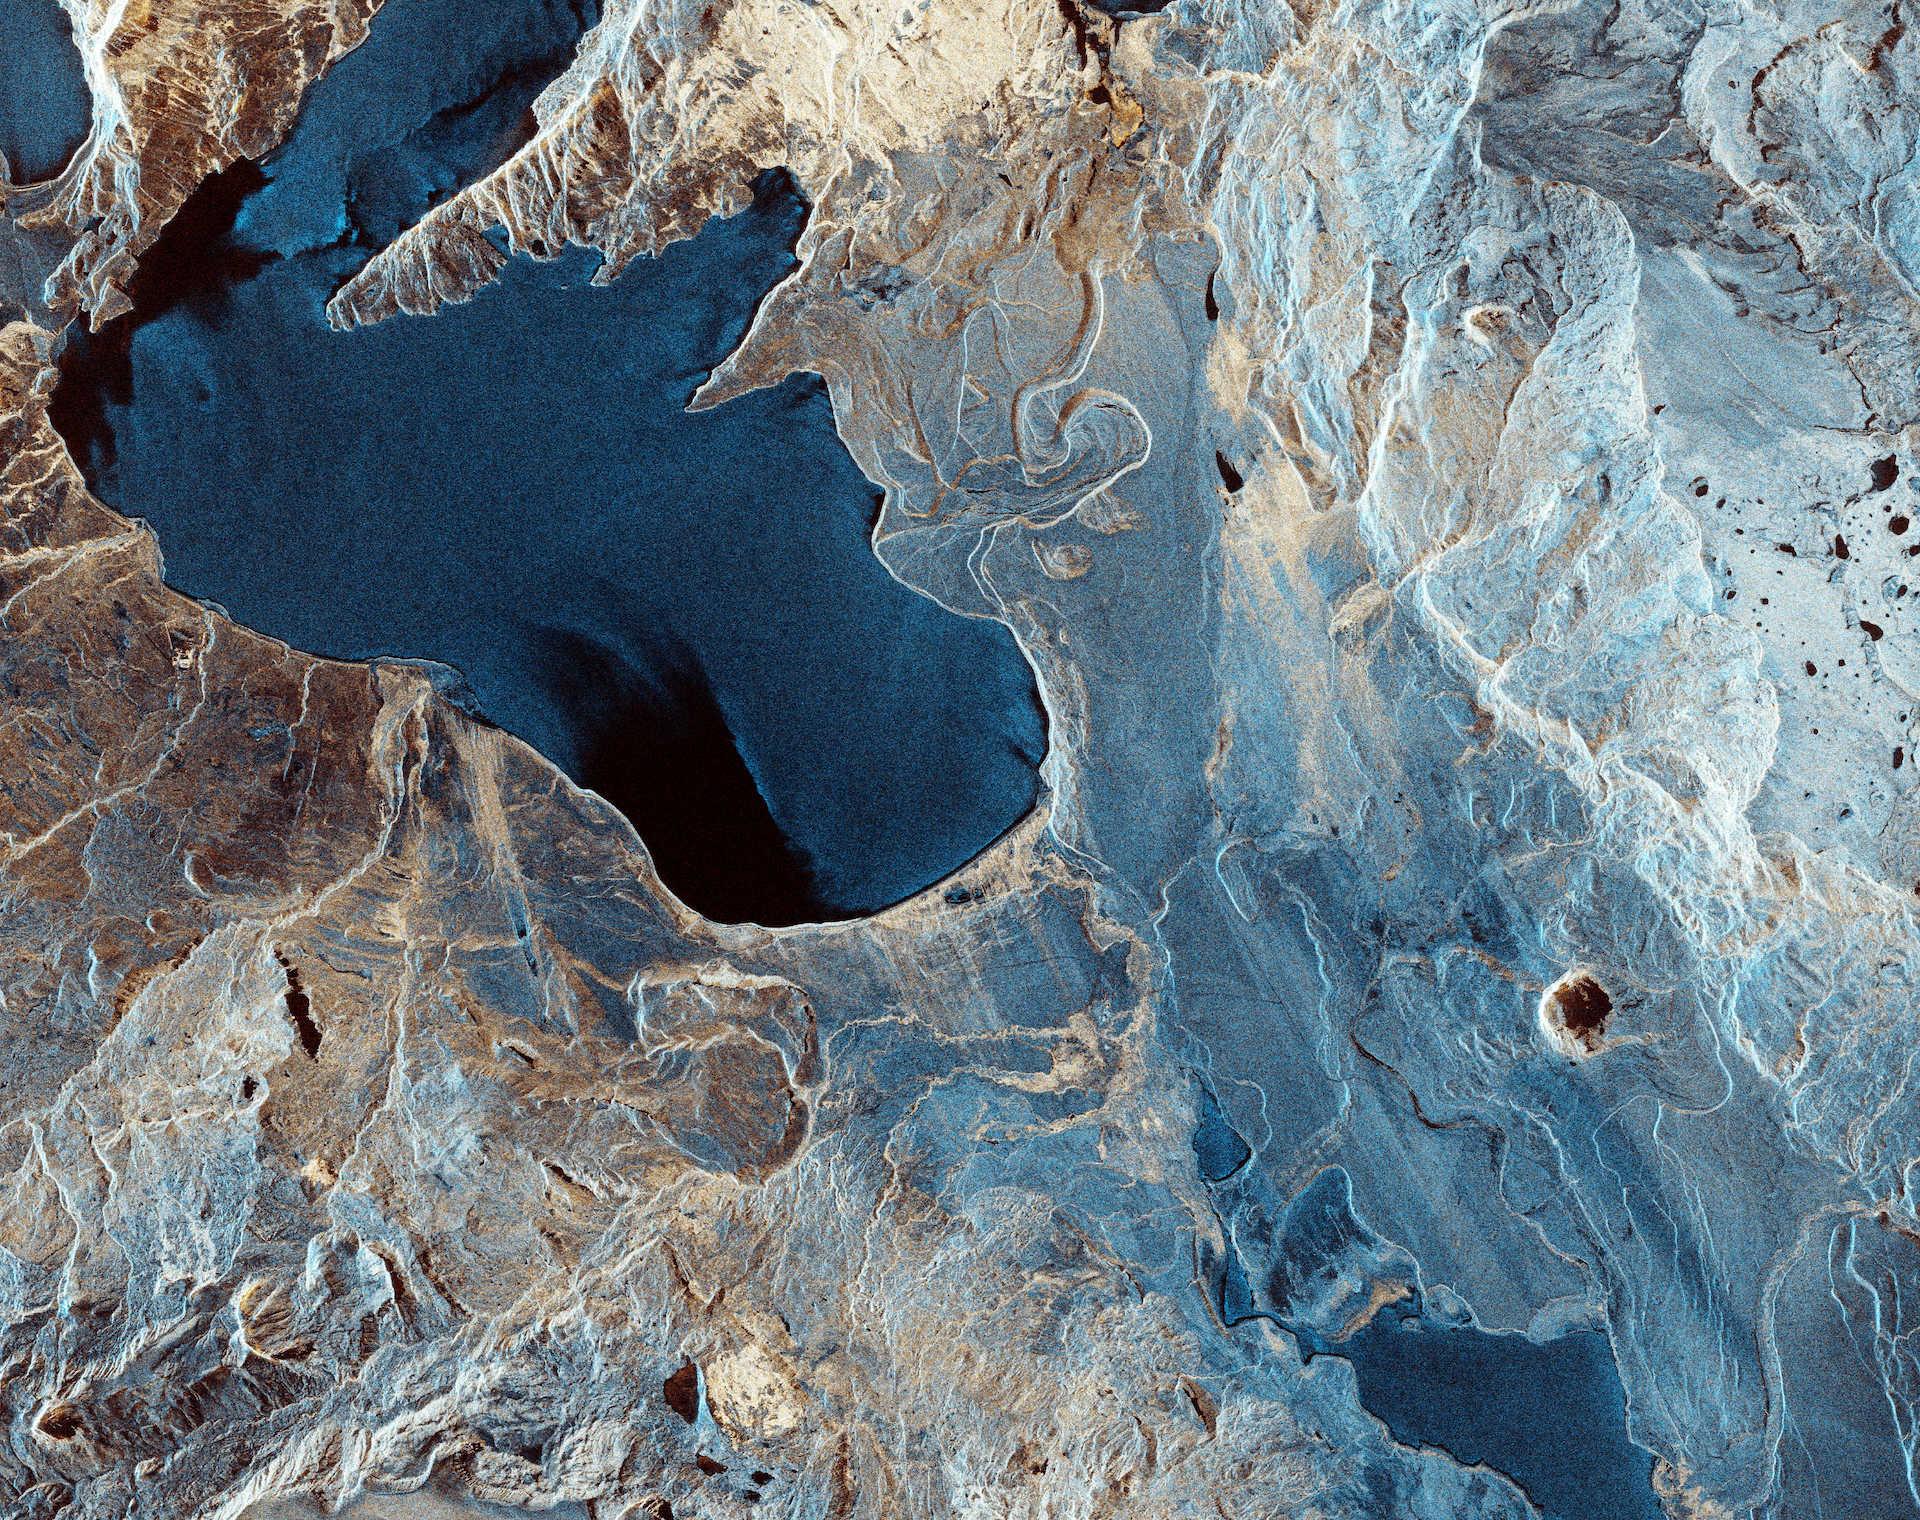 Lanzamiento del satélite argentino SAOCOM 1B: transmisión en vivo